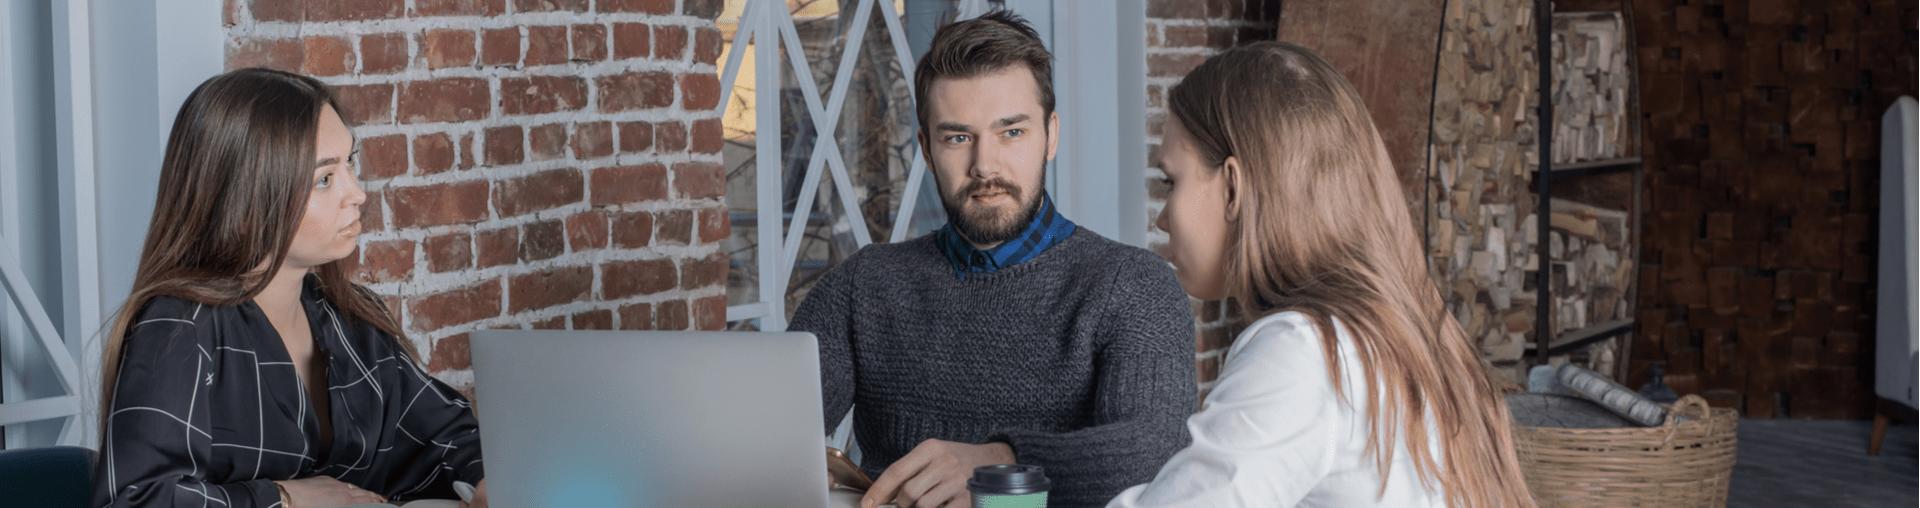 feedback constructiv sau pedeapsă